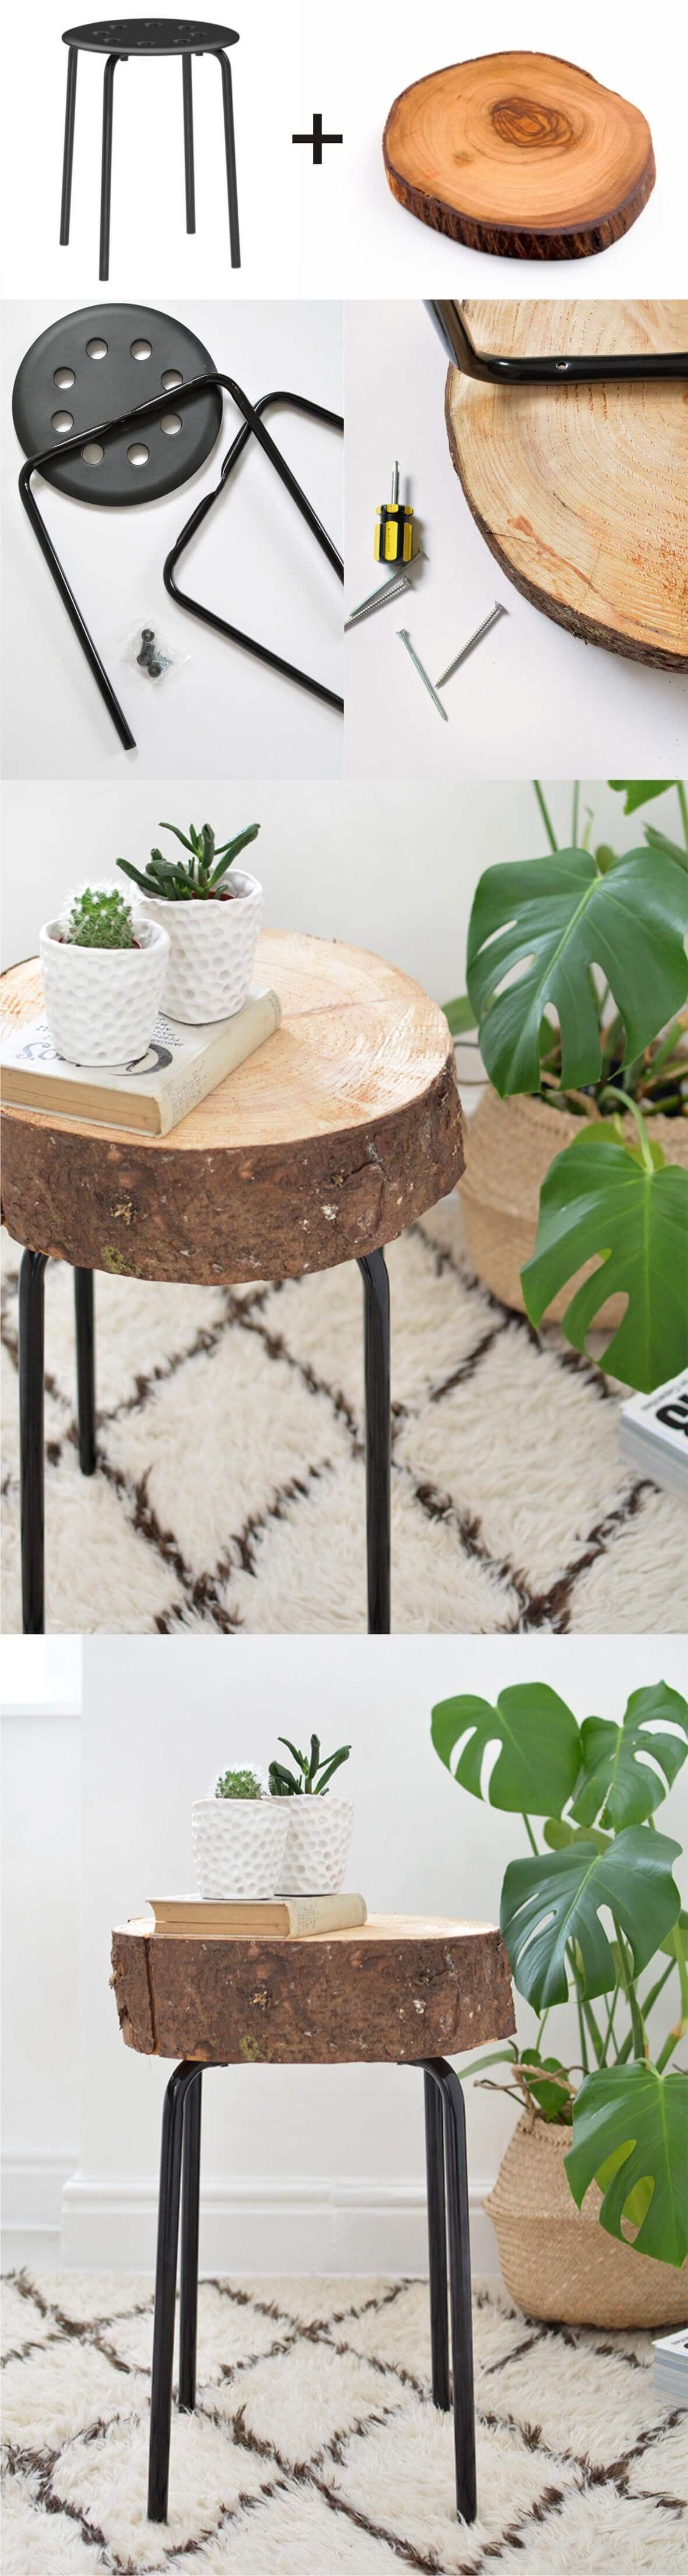 Table à tranches en bois assemblée à la main pièce par pièce